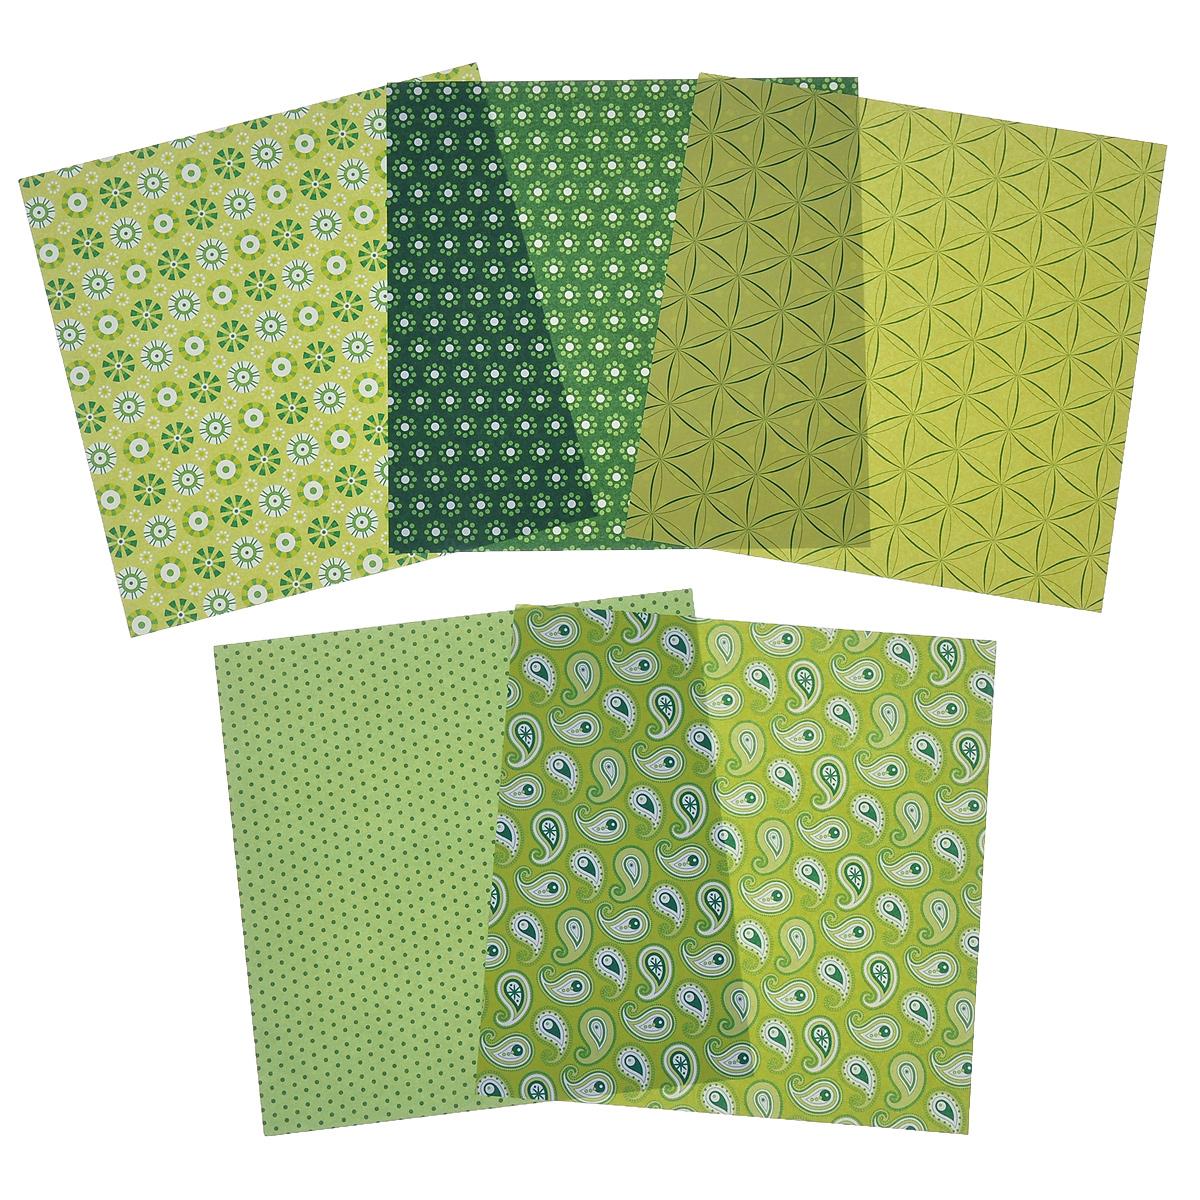 Бумага для оригами Folia, цвет: зеленый, 15 х 15 см, 50 листов